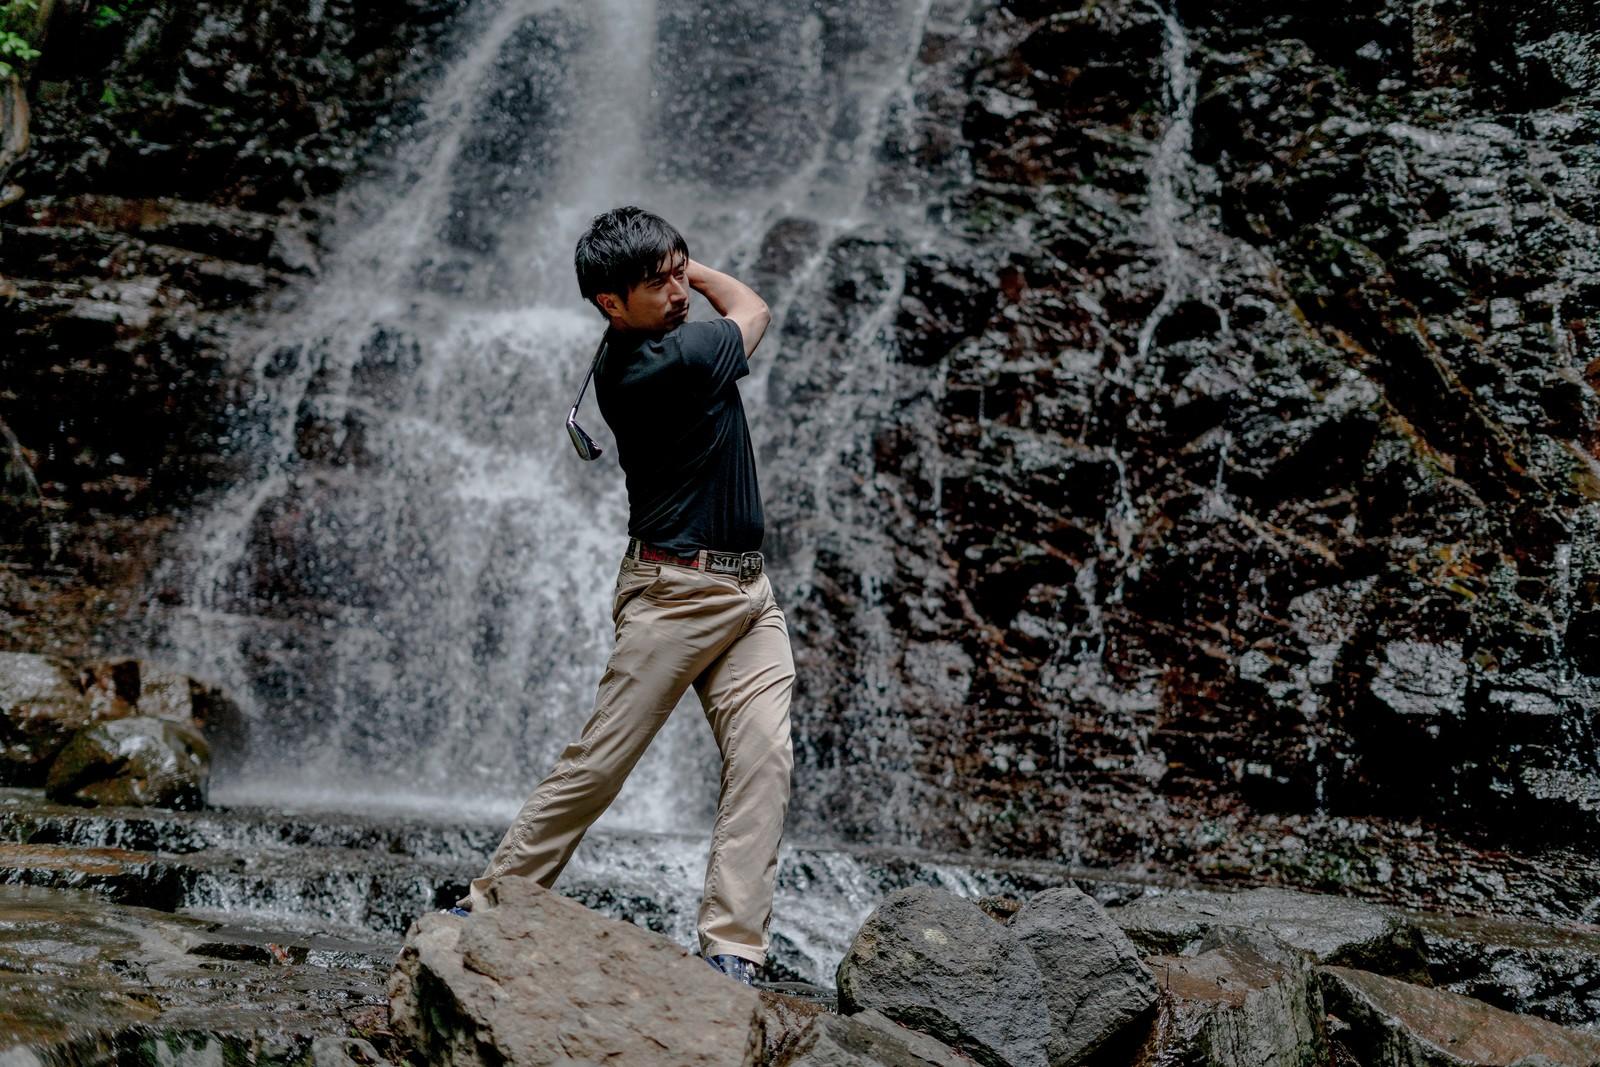 素振りをするゴルファー